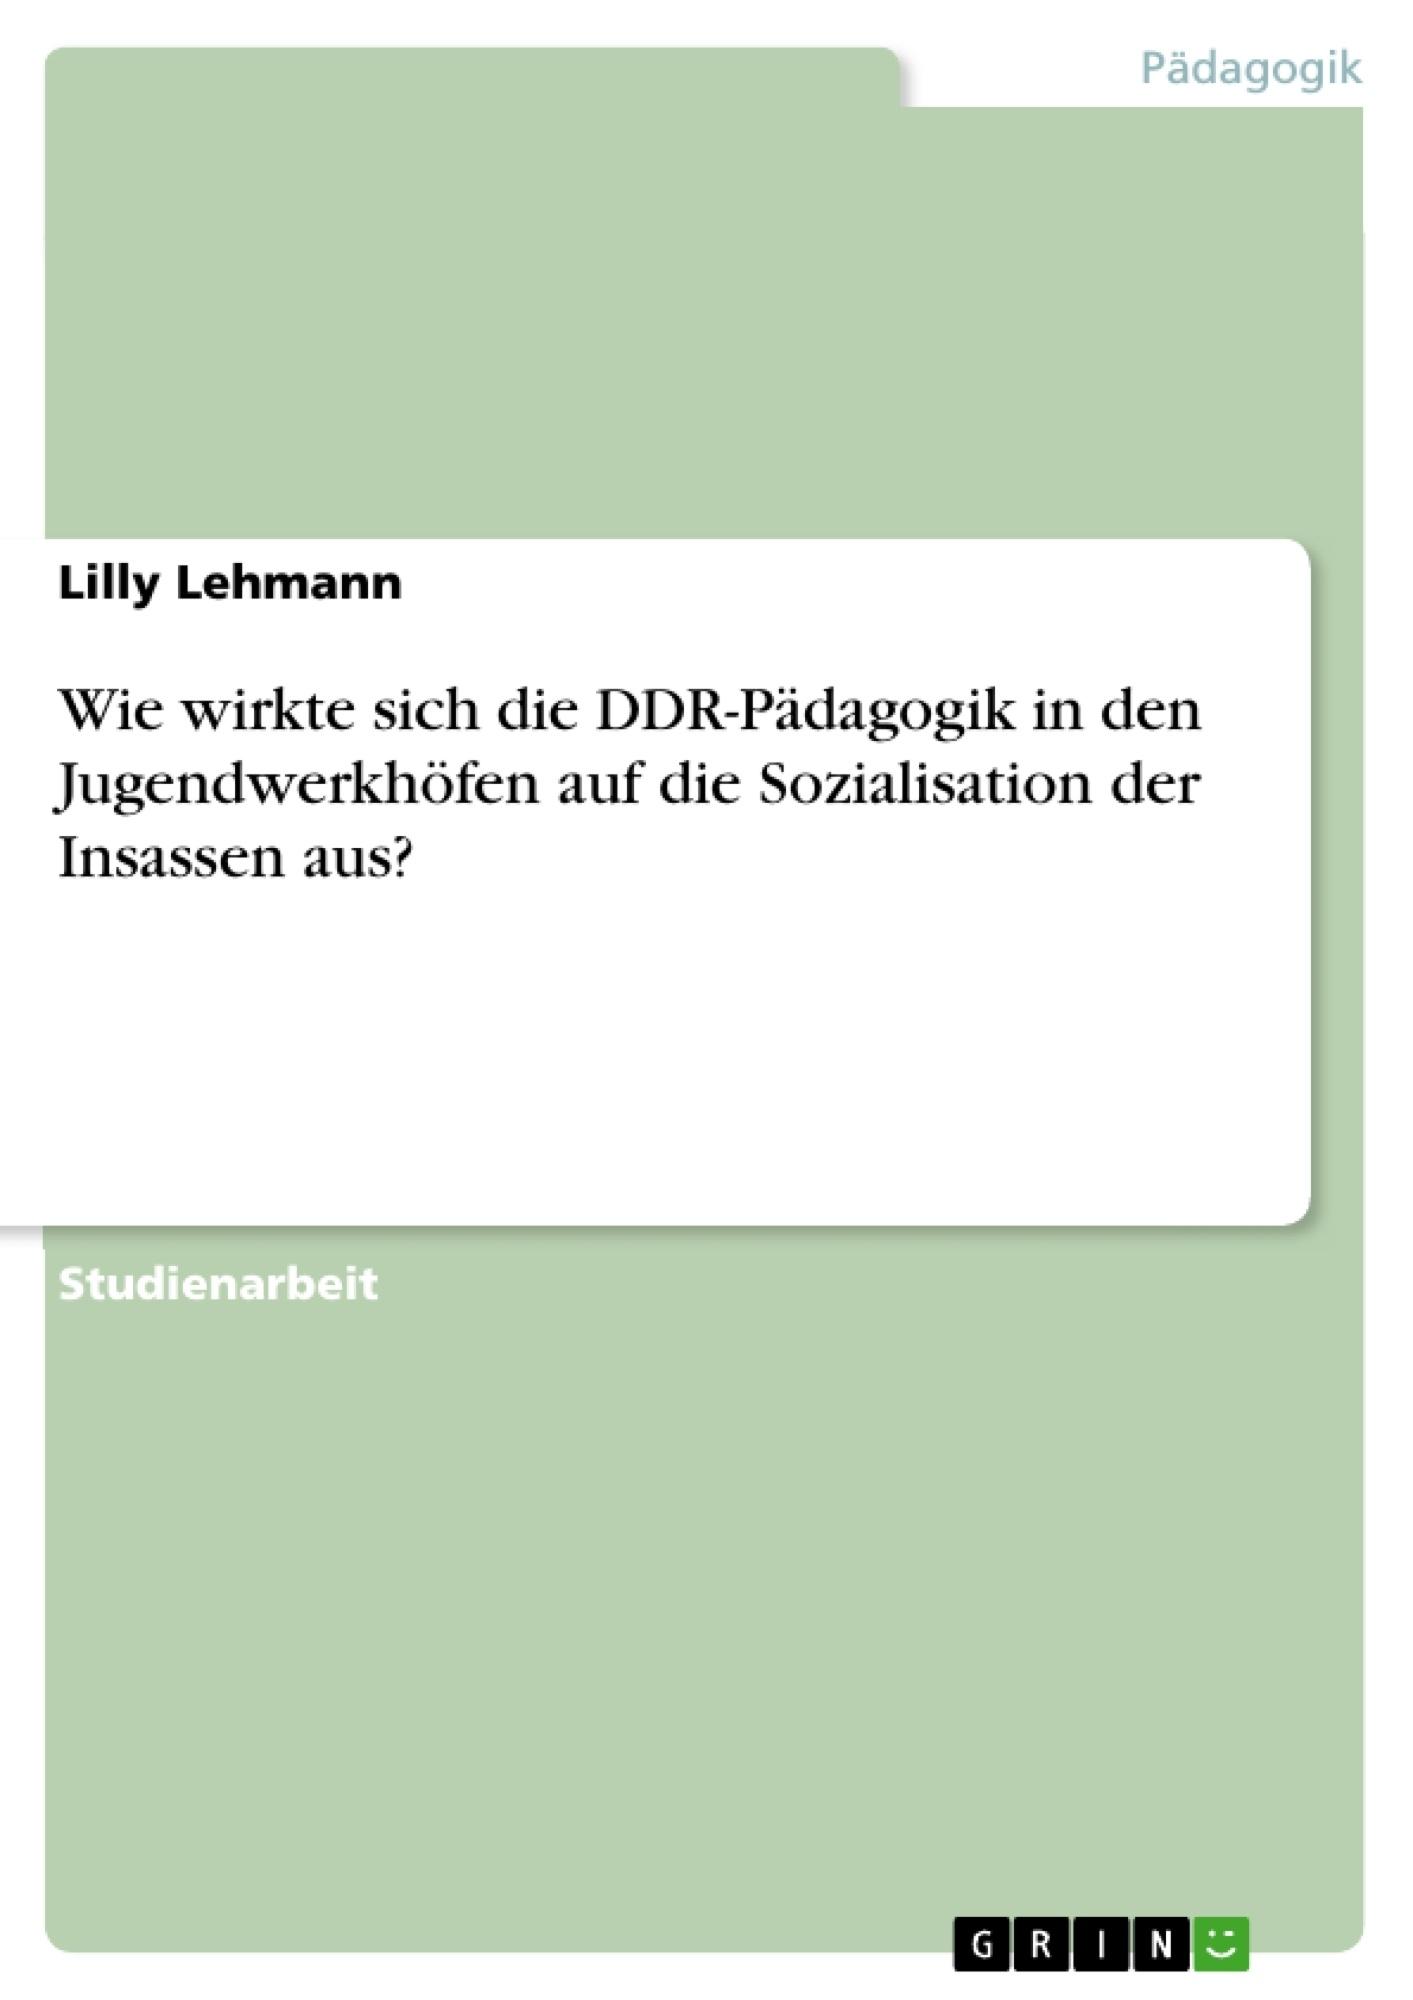 Titel: Wie wirkte sich die DDR-Pädagogik in den Jugendwerkhöfen auf die Sozialisation der Insassen aus?